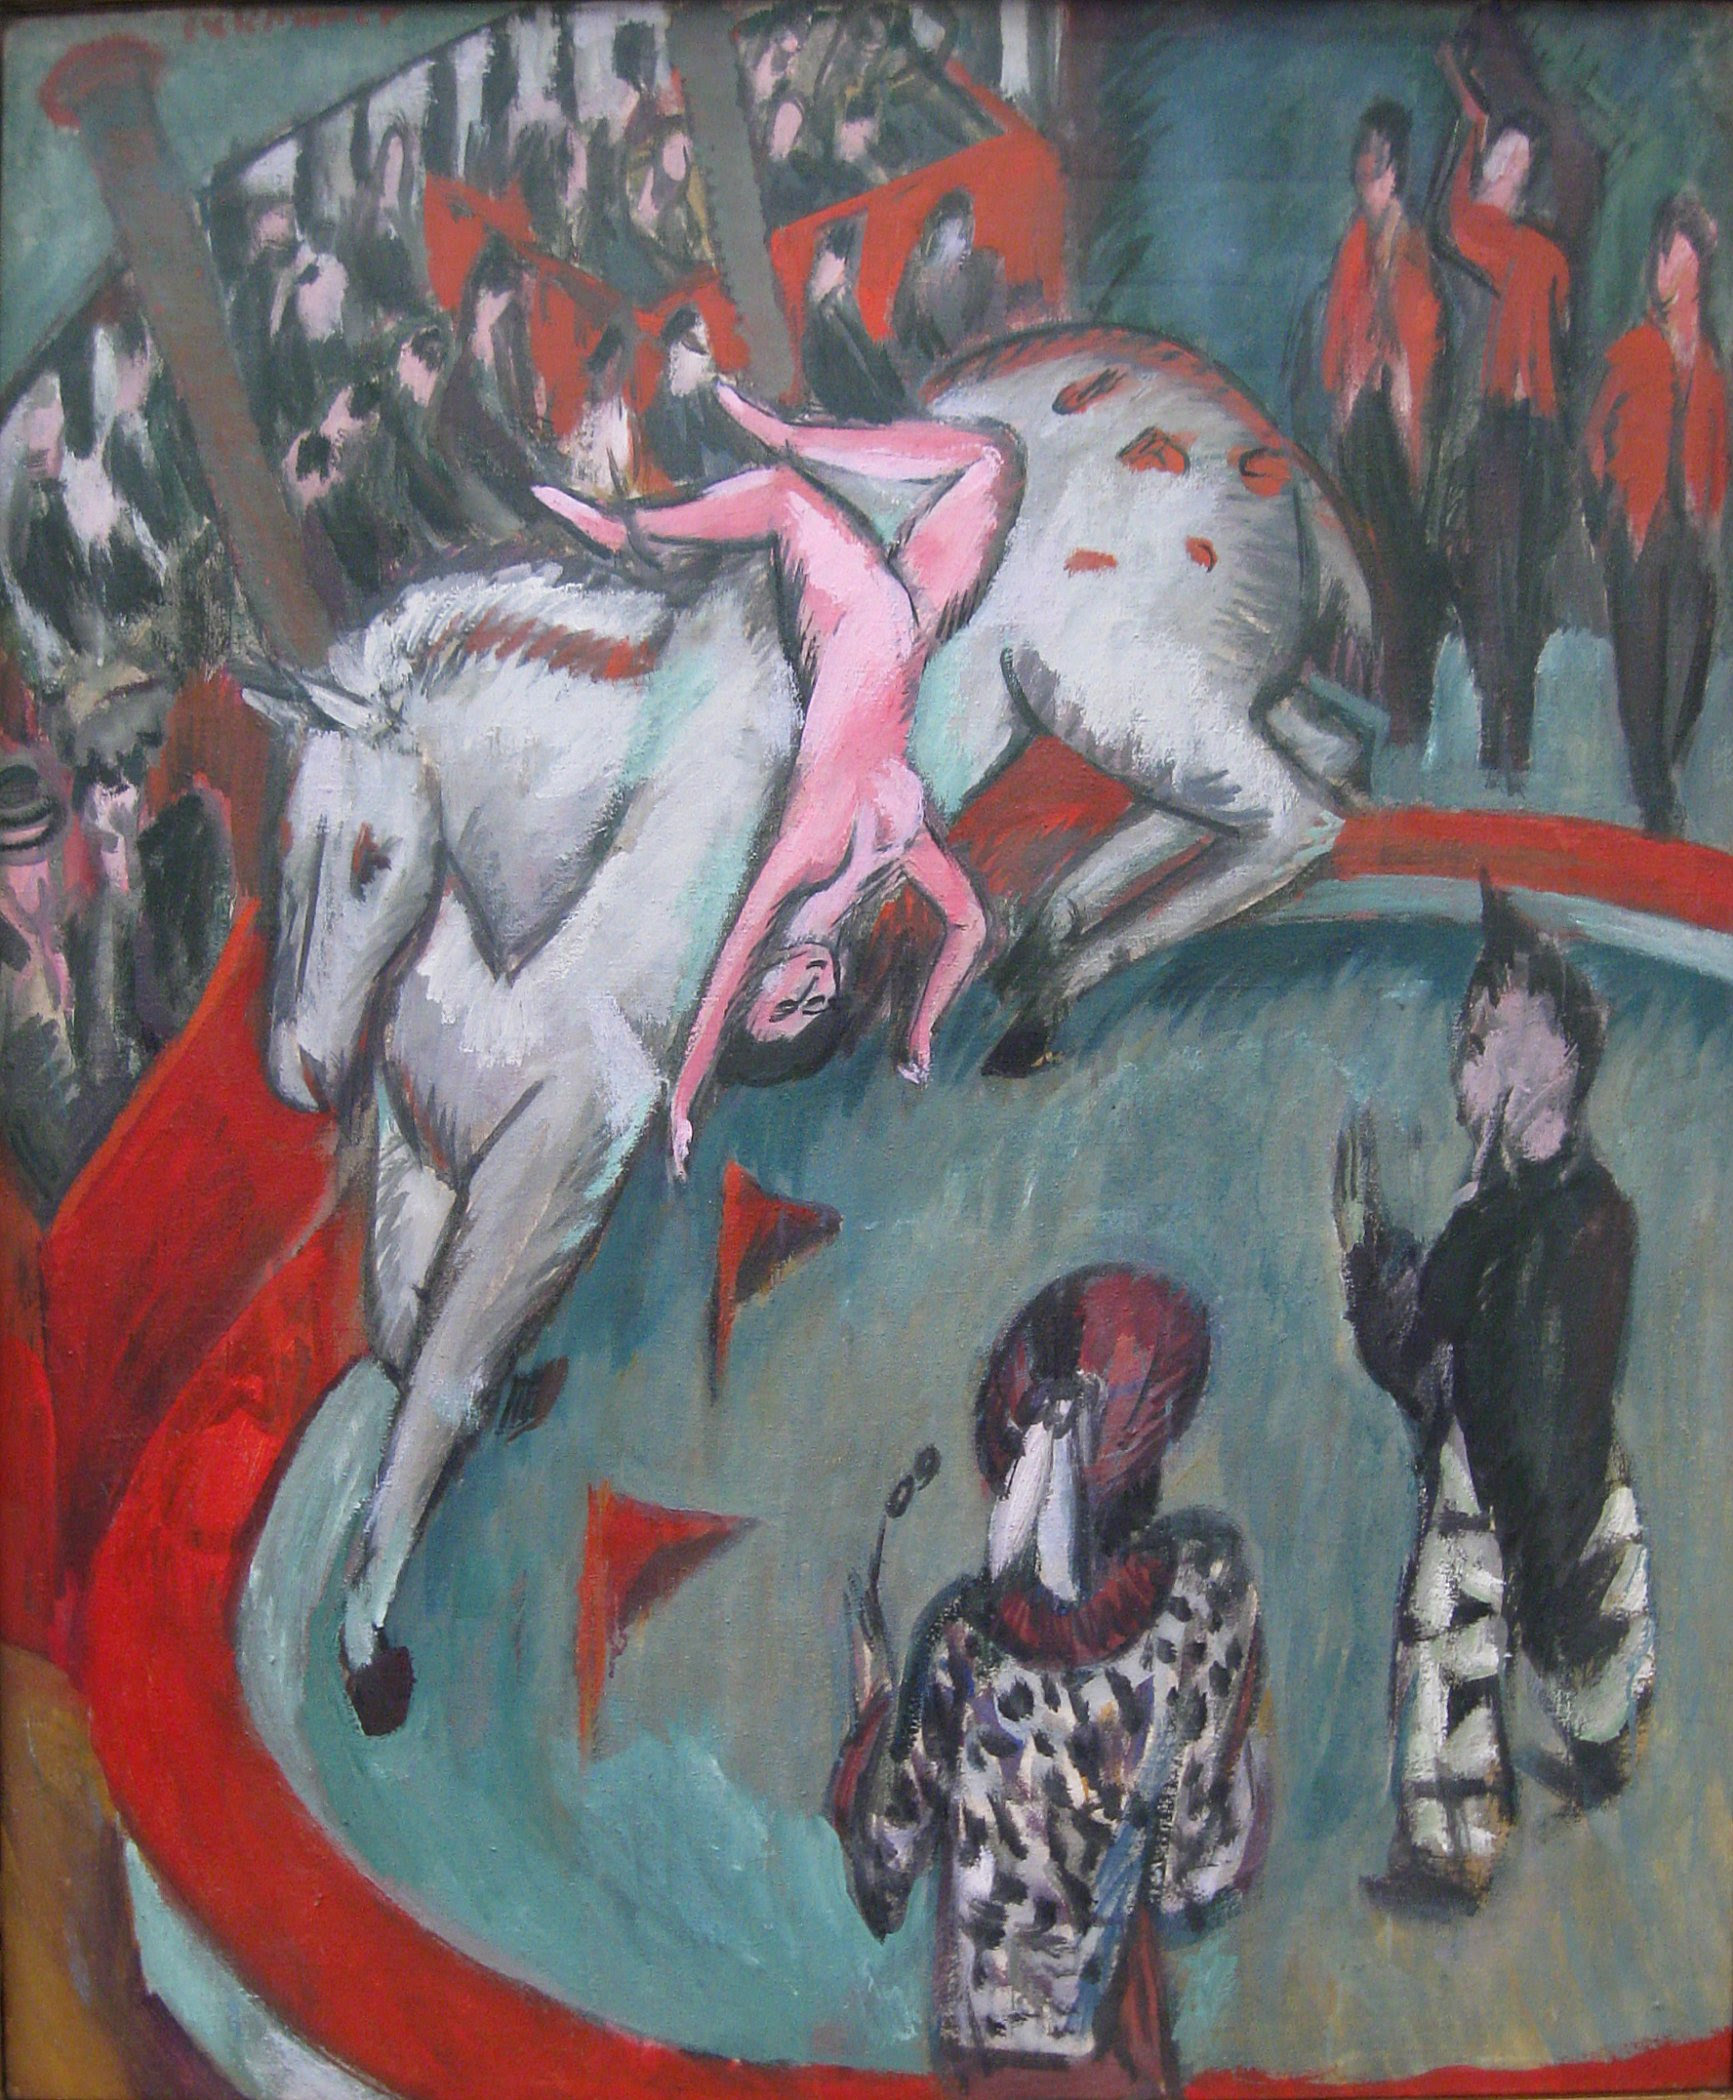 http://upload.wikimedia.org/wikipedia/commons/6/62/Ernst_Ludwig_Kirchner_Zirkusreiterin_1913-1.jpg